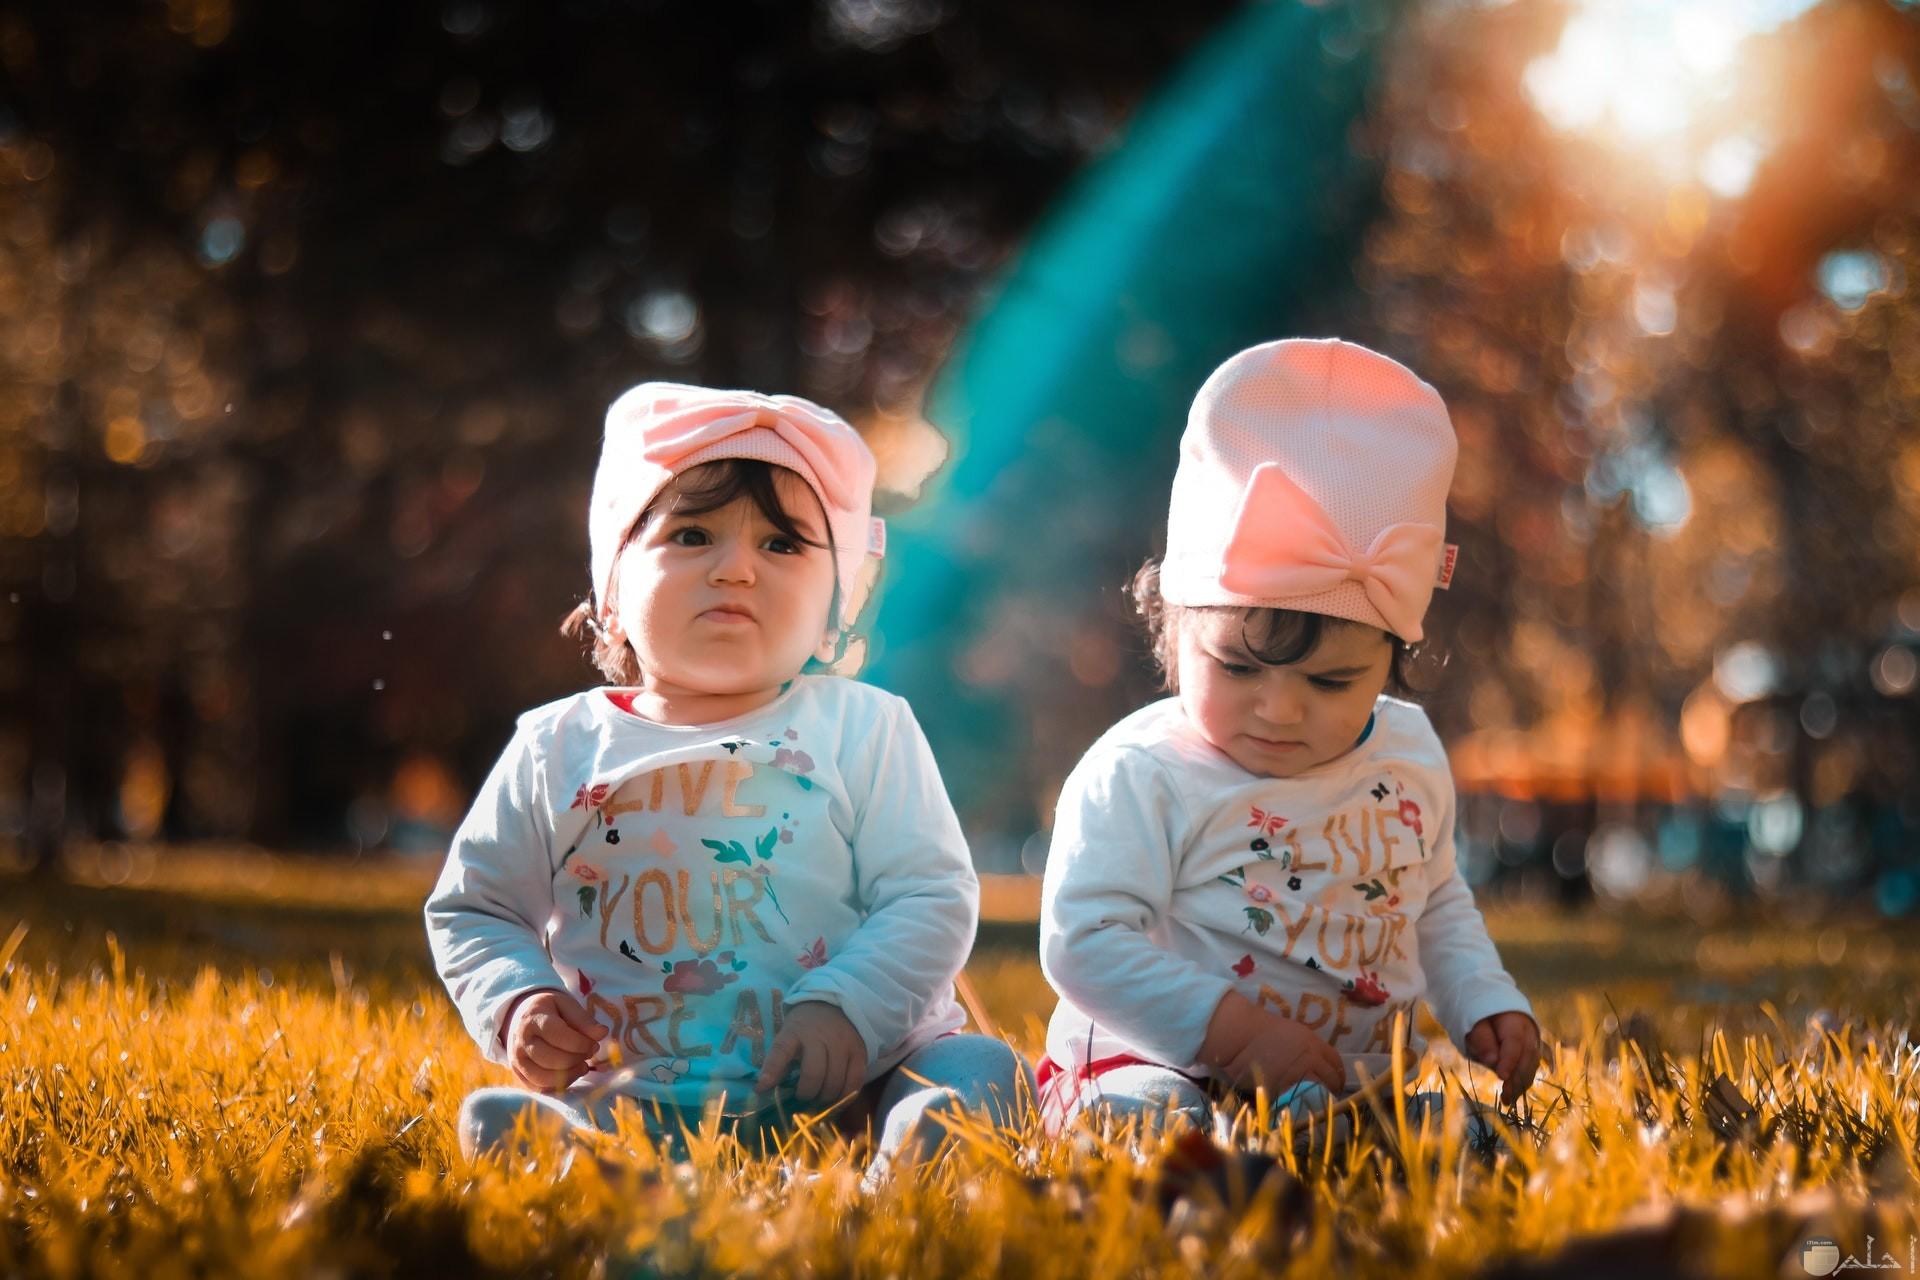 صورة جميلة جدا حول توائم بنات اطفال كيوت جالسين في الحديقة